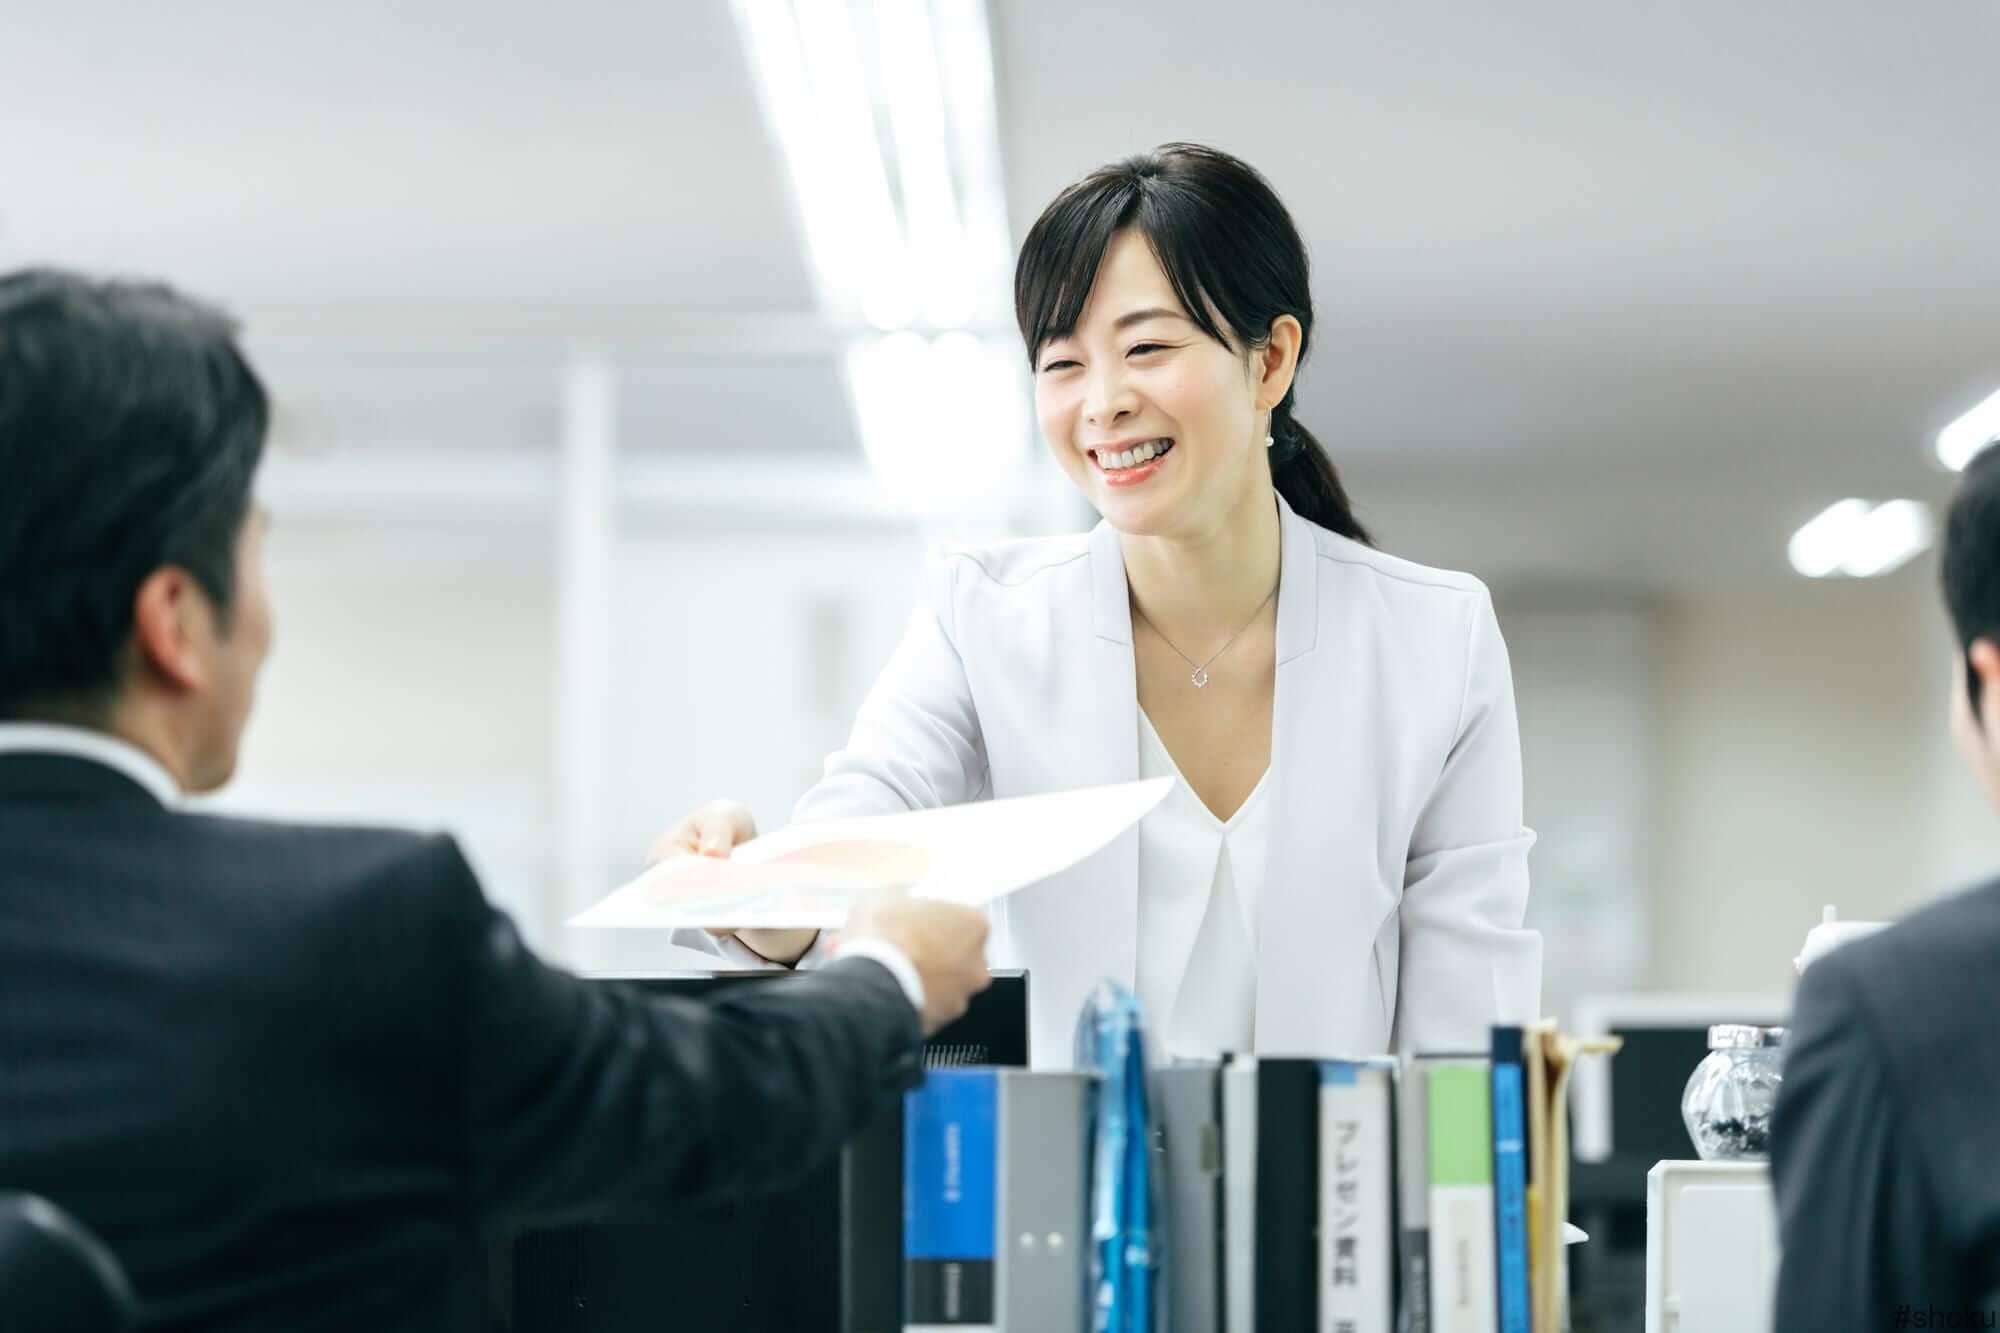 派遣スタッフとして活躍している30代の女性